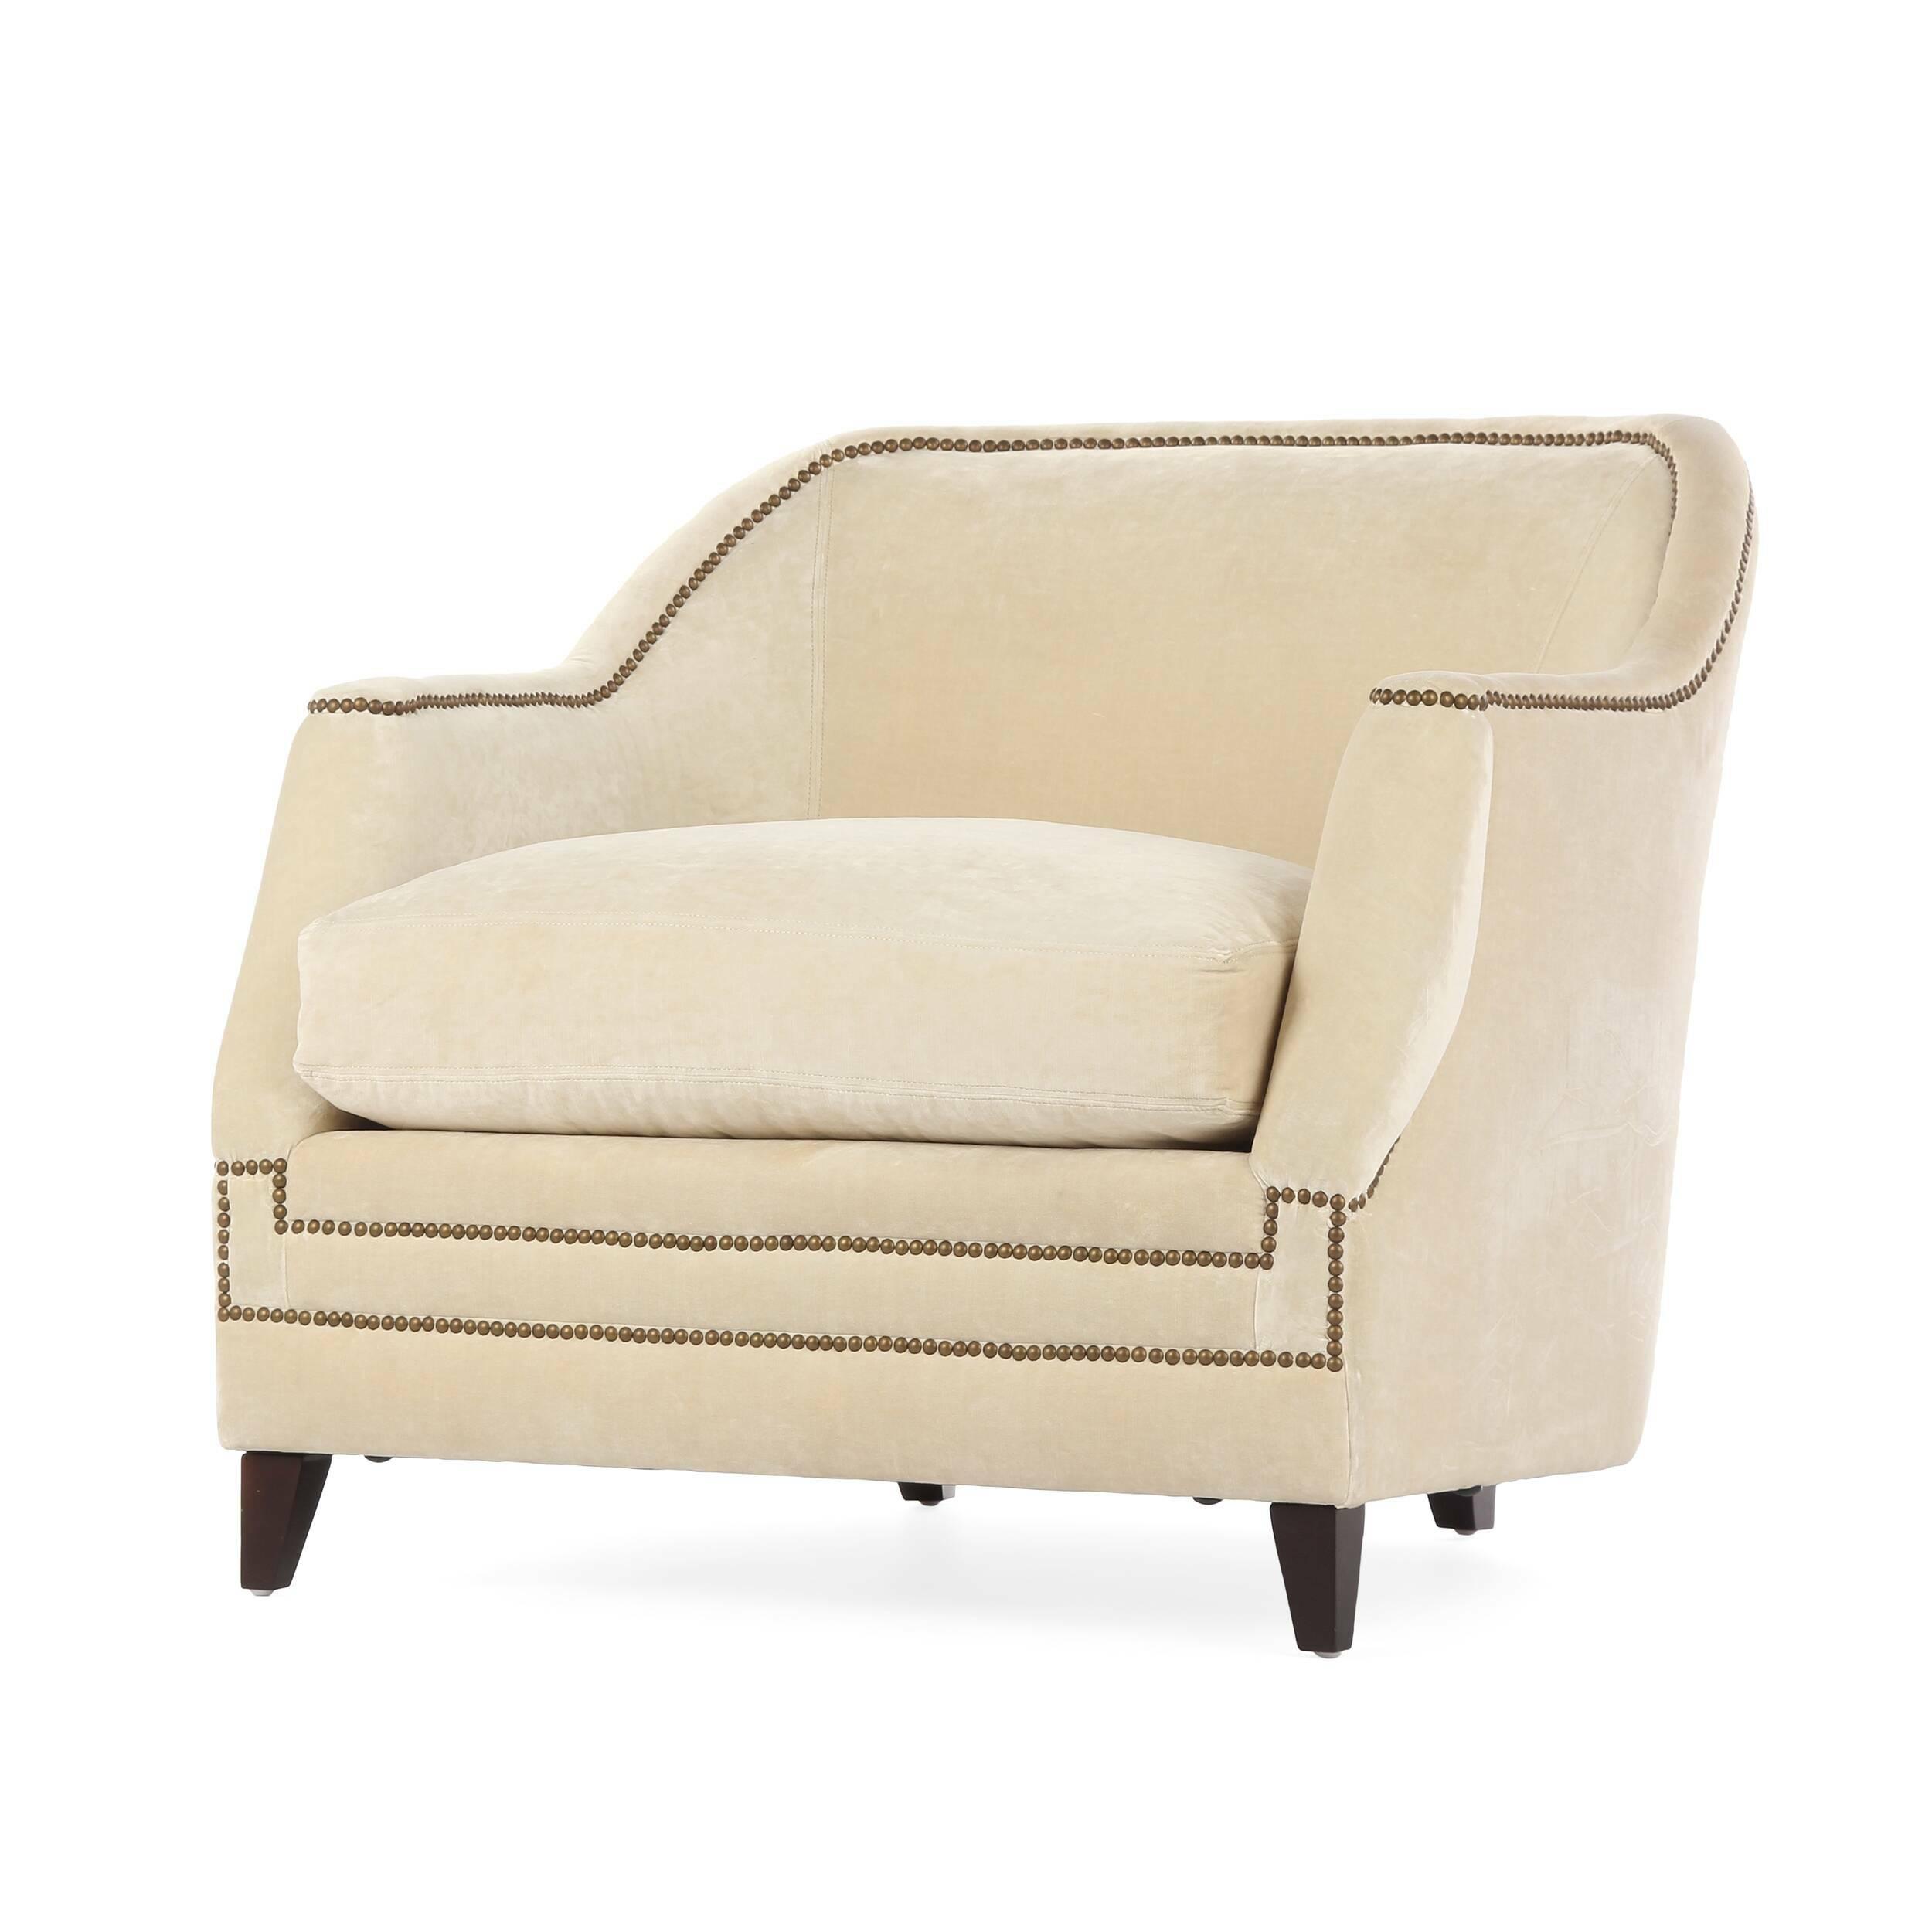 Кресло AspenИнтерьерные<br>Дизайнерское Светлое мягкое удобное кресло Aspen (Аспен) от Cosmo (Космо).<br><br><br> Кресло Aspen сочетает в себе классическую форму с яркими современными чертами. Кресло отличается привлекательным контрастом темного и светлого цветов. По всему периметру кресла проходит красивая строчка, которая служит ему ненавязчивым и оригинальным украшением. На выбор имеются два варианта кресла — голубого и светло-бежевого цвета. Оба оттенка очень легкие и приятные. Необычные подлокотники кресла Aspen также...<br><br>stock: 3<br>Высота: 89<br>Высота сиденья: 56<br>Ширина: 99<br>Глубина: 96.5<br>Цвет ножек: Темно-коричневый<br>Материал ножек: Массив березы<br>Материал обивки: Вискоза, Полиэстер<br>Тип материала обивки: Ткань<br>Тип материала ножек: Дерево<br>Цвет обивки: Светло-бежевый